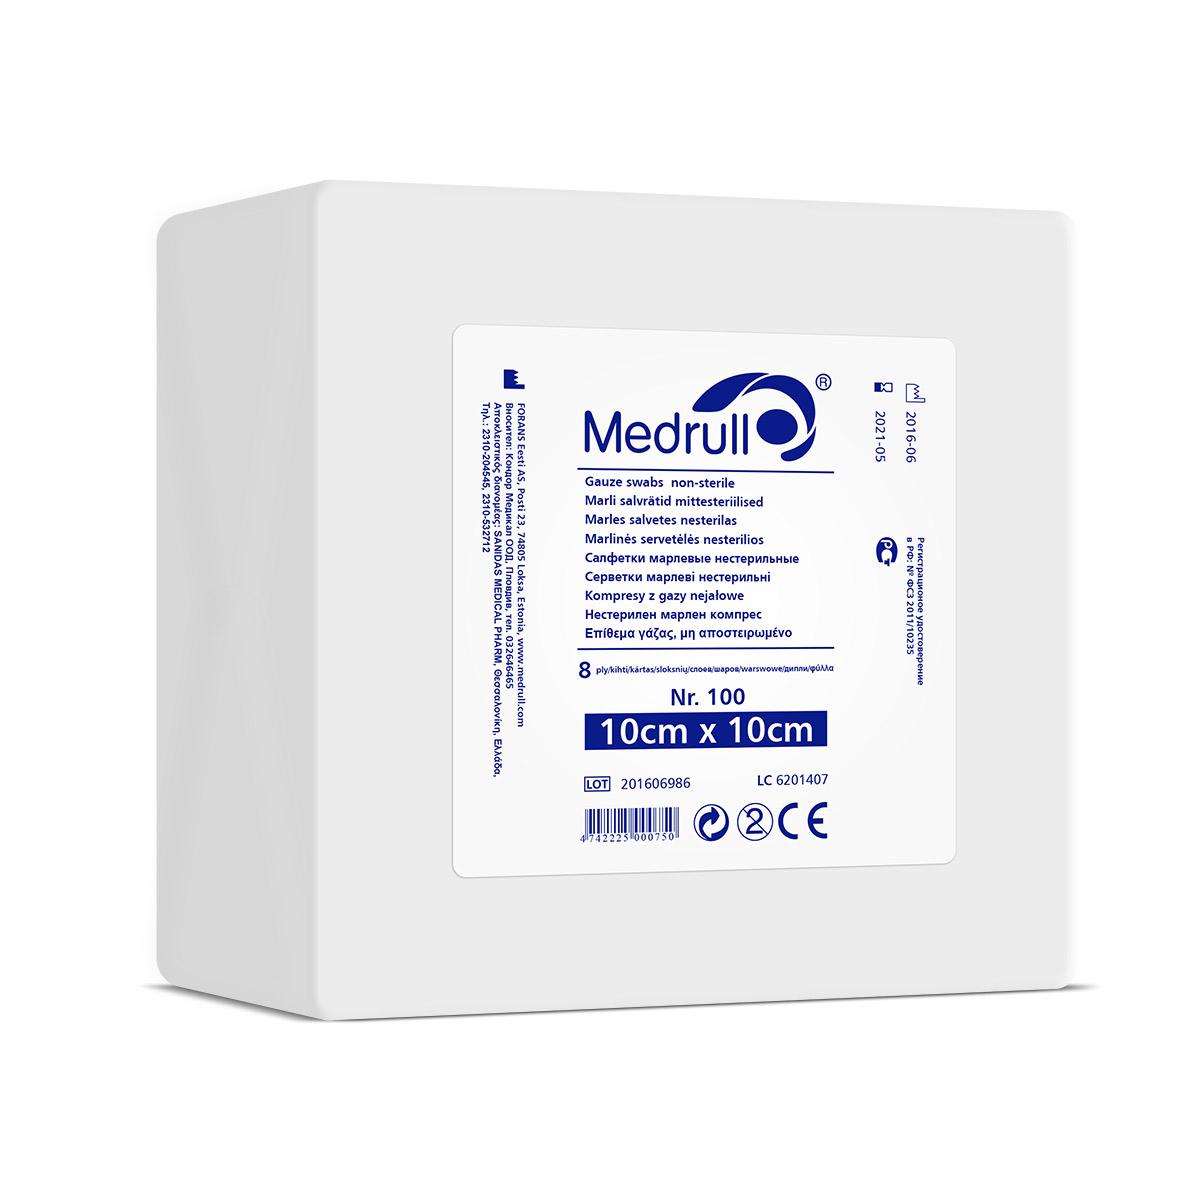 Medrull Салфетки марлевые медицинские N100, 8-слойные, нестерильные, 10х10 см0003934САЛФЕТКИ МАРЛЕВЫЕ НЕСТЕРИЛЬНЫЕ/8 СЛ. NR 100 Состав 100% хлопок. Структура материала 17 ниток/см2. Размер 8 сл 10см x 10см